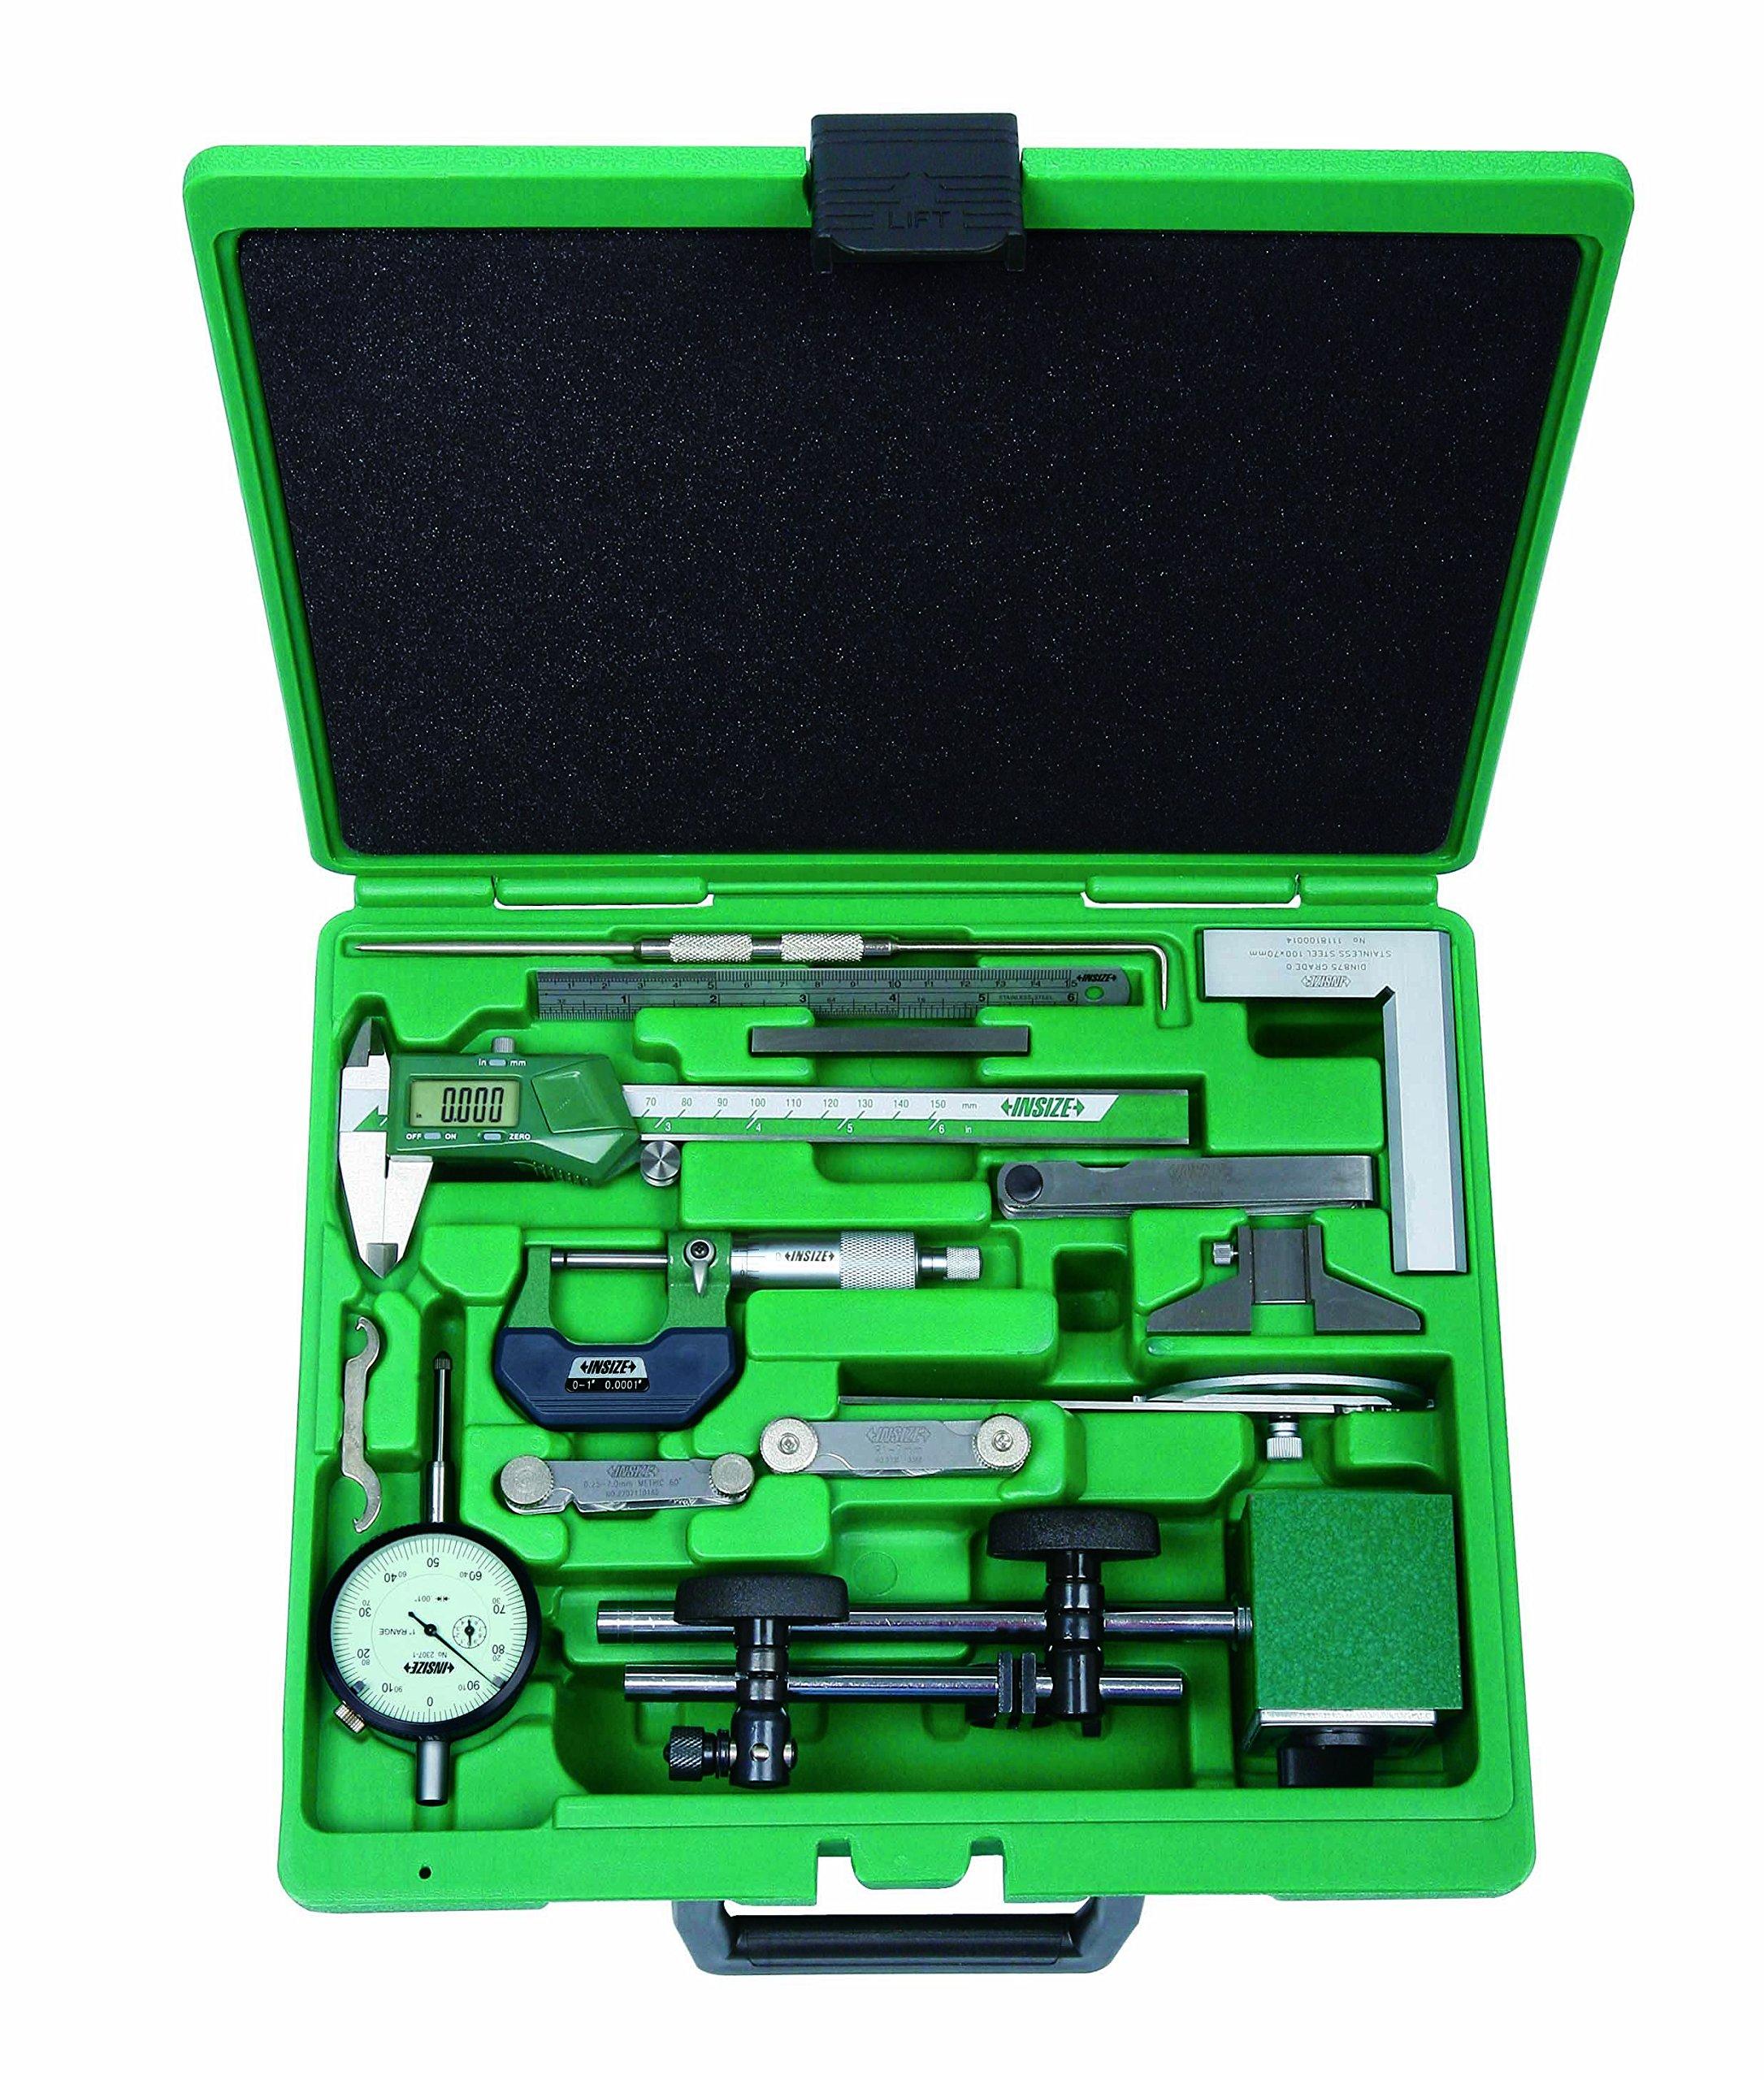 INSIZE 5013-E Measuring Tool Set, 13 Piece by INSIZE